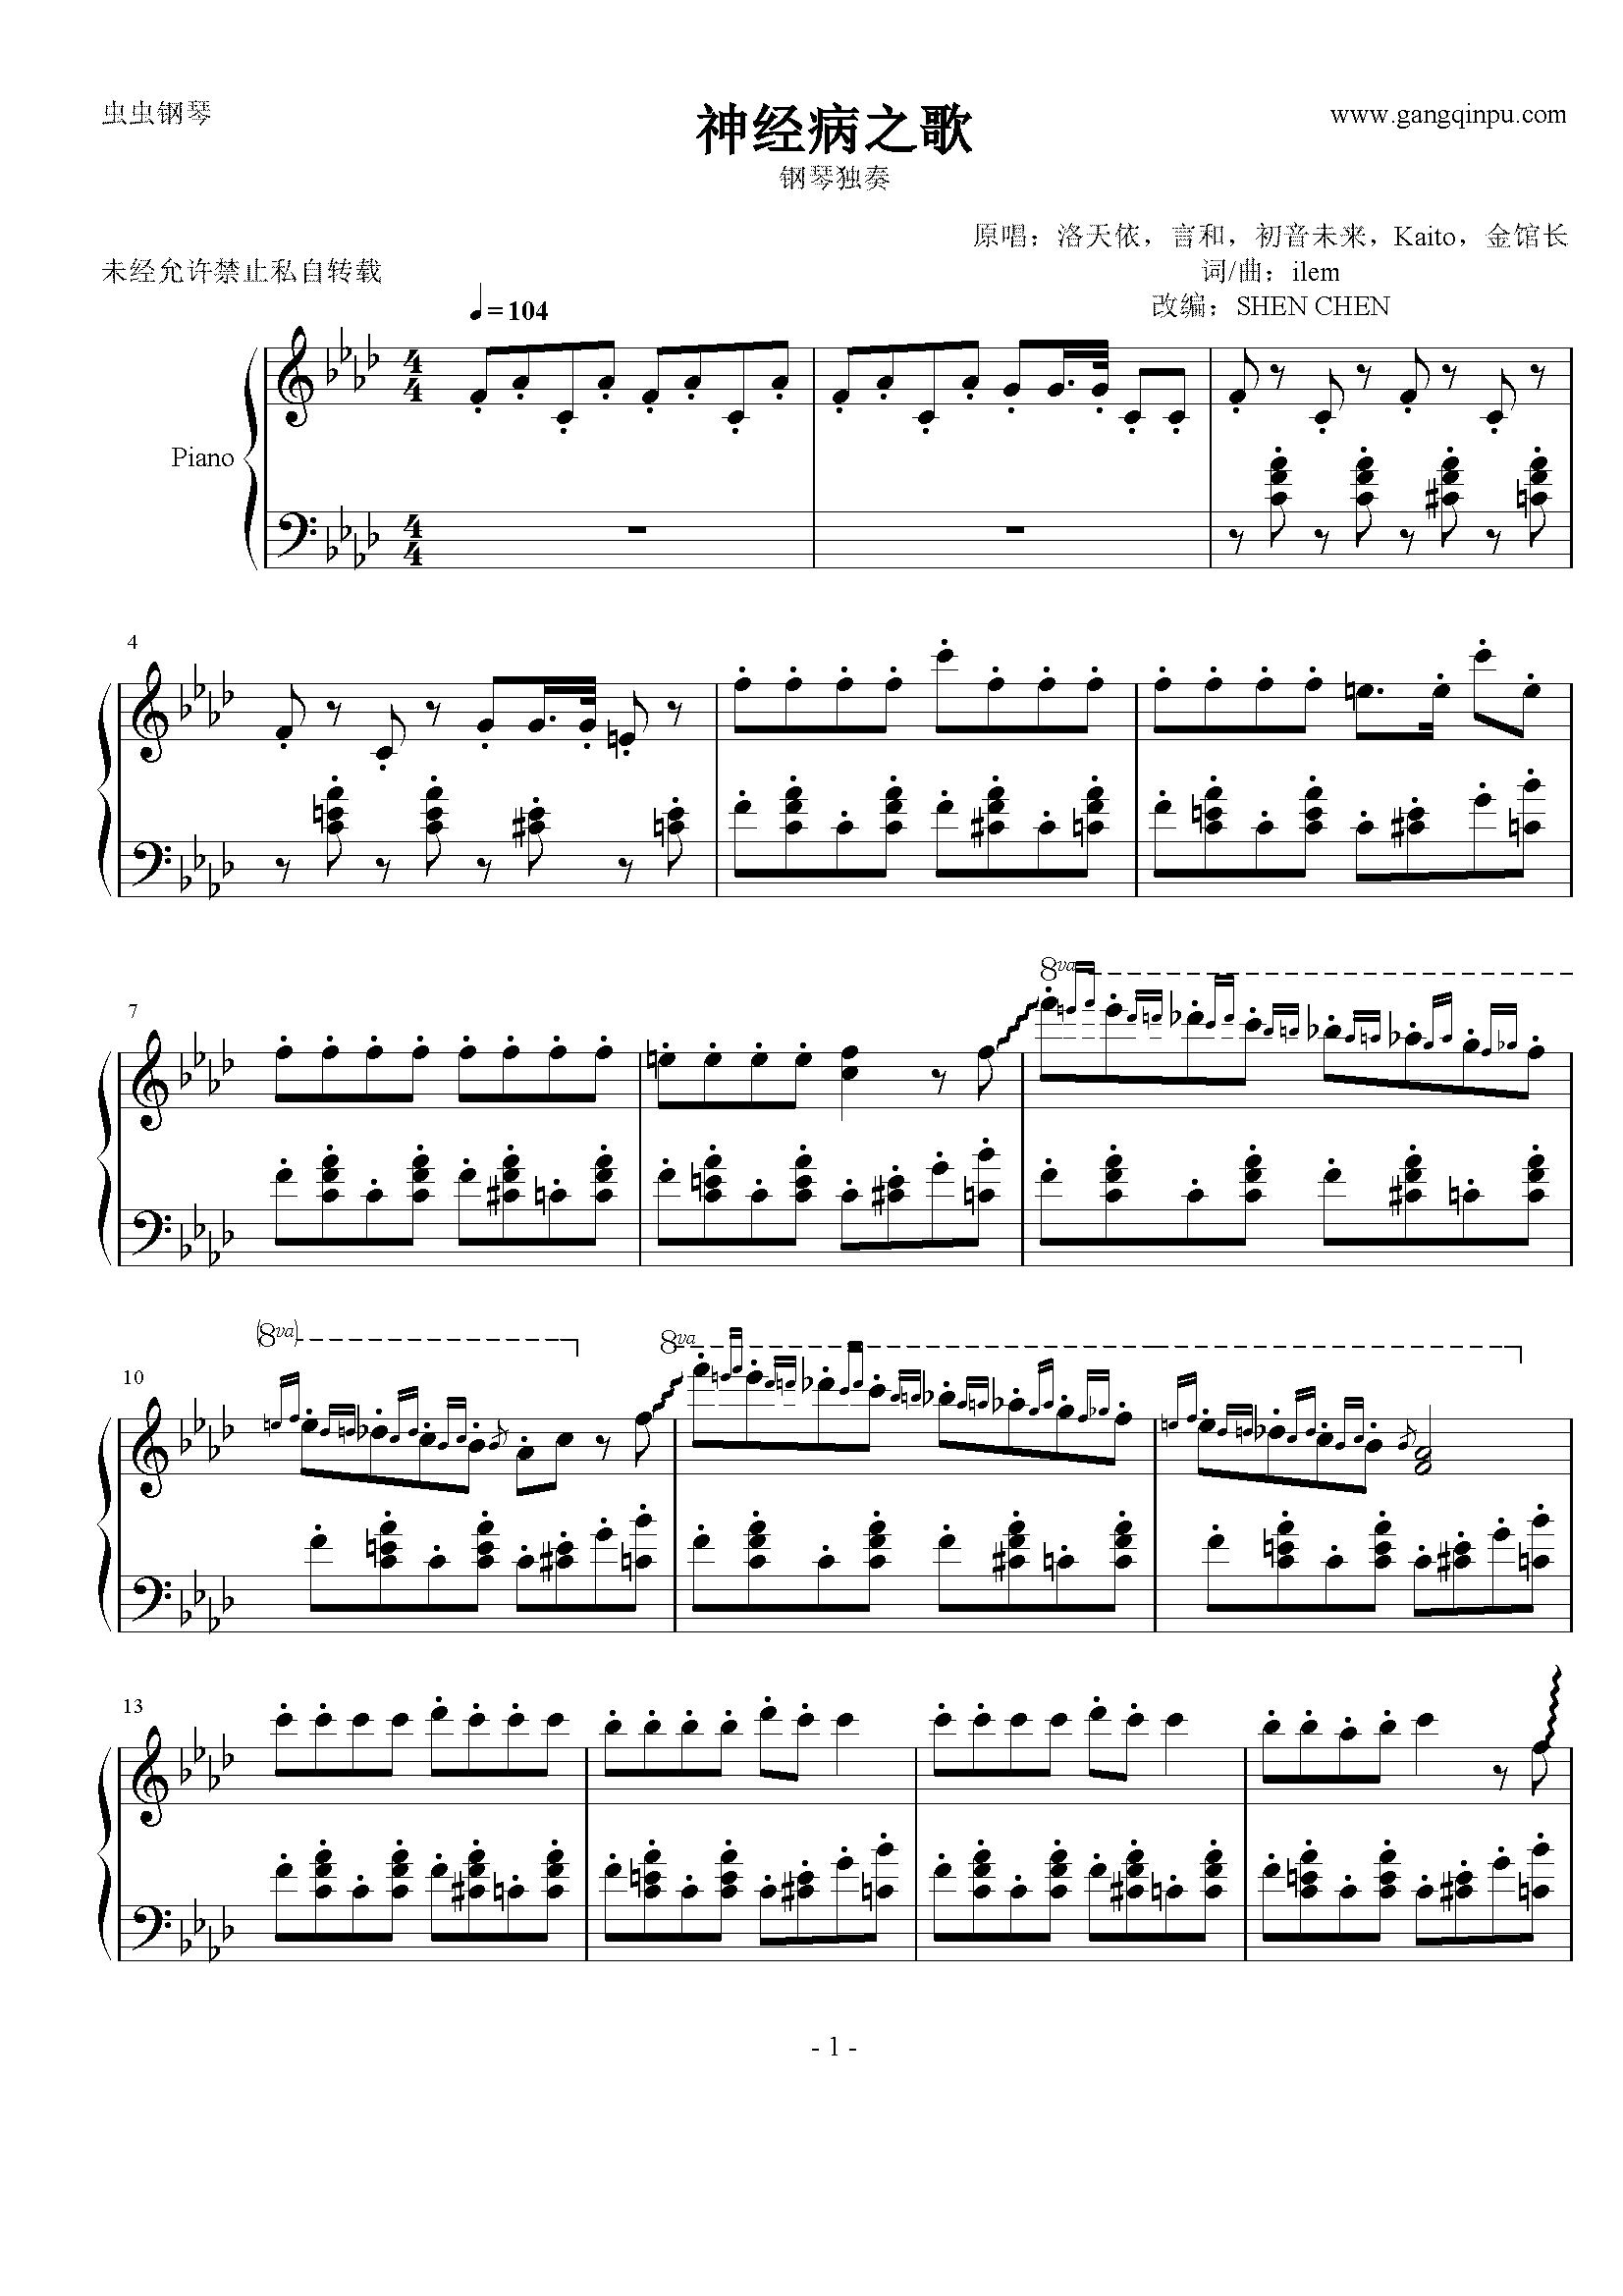 洛天依钢琴谱 第1页